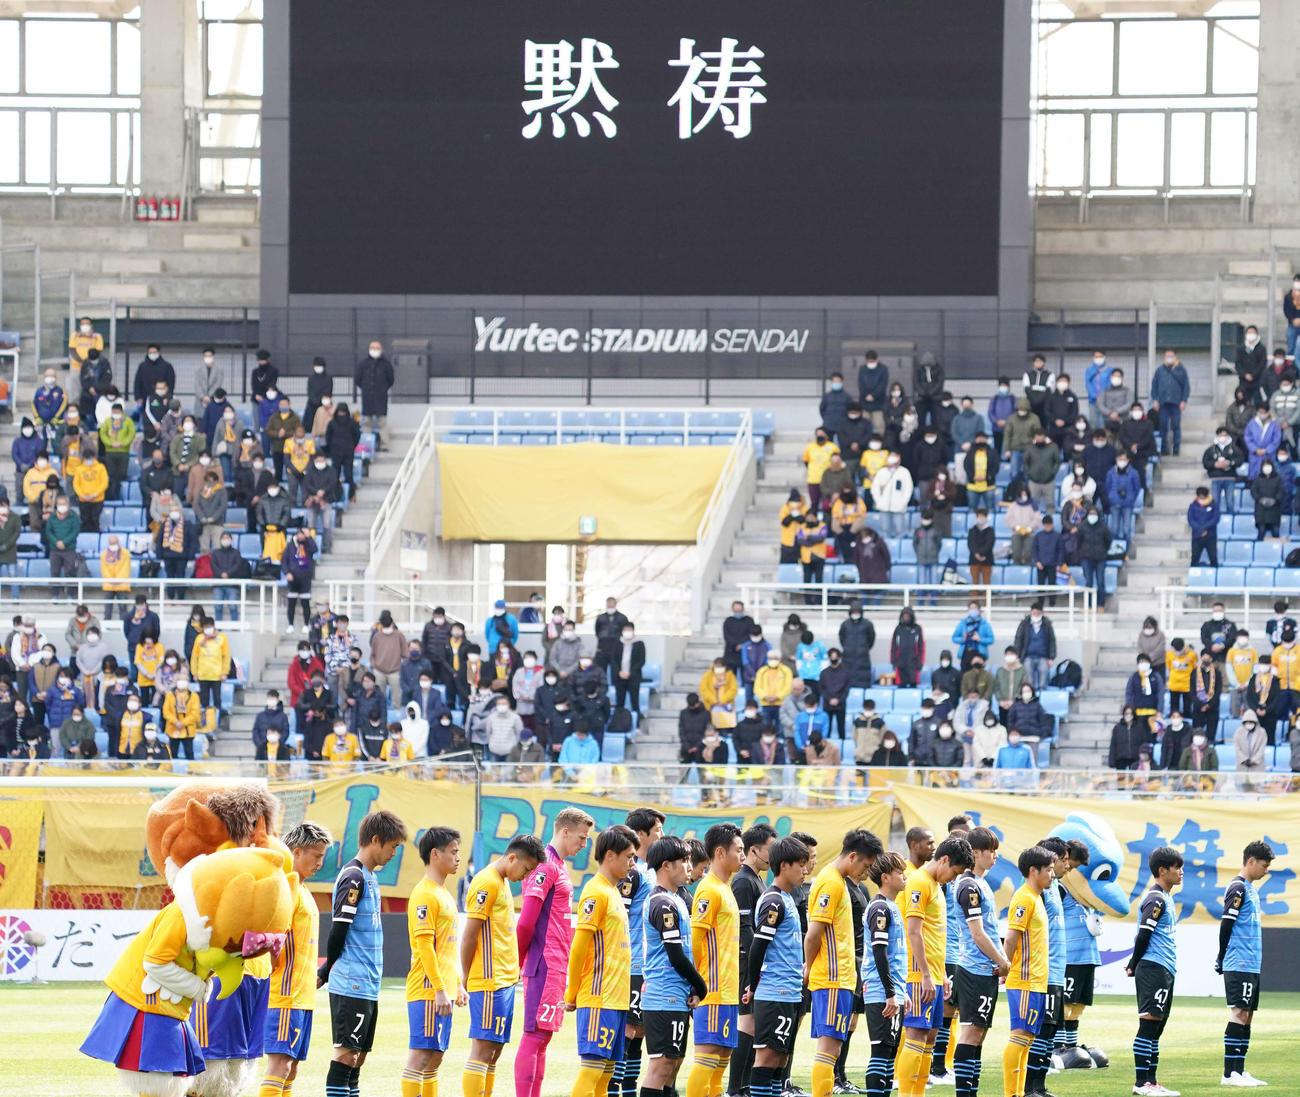 仙台対川崎F 試合前、黙とうする両チームの選手たち(撮影・江口和貴)